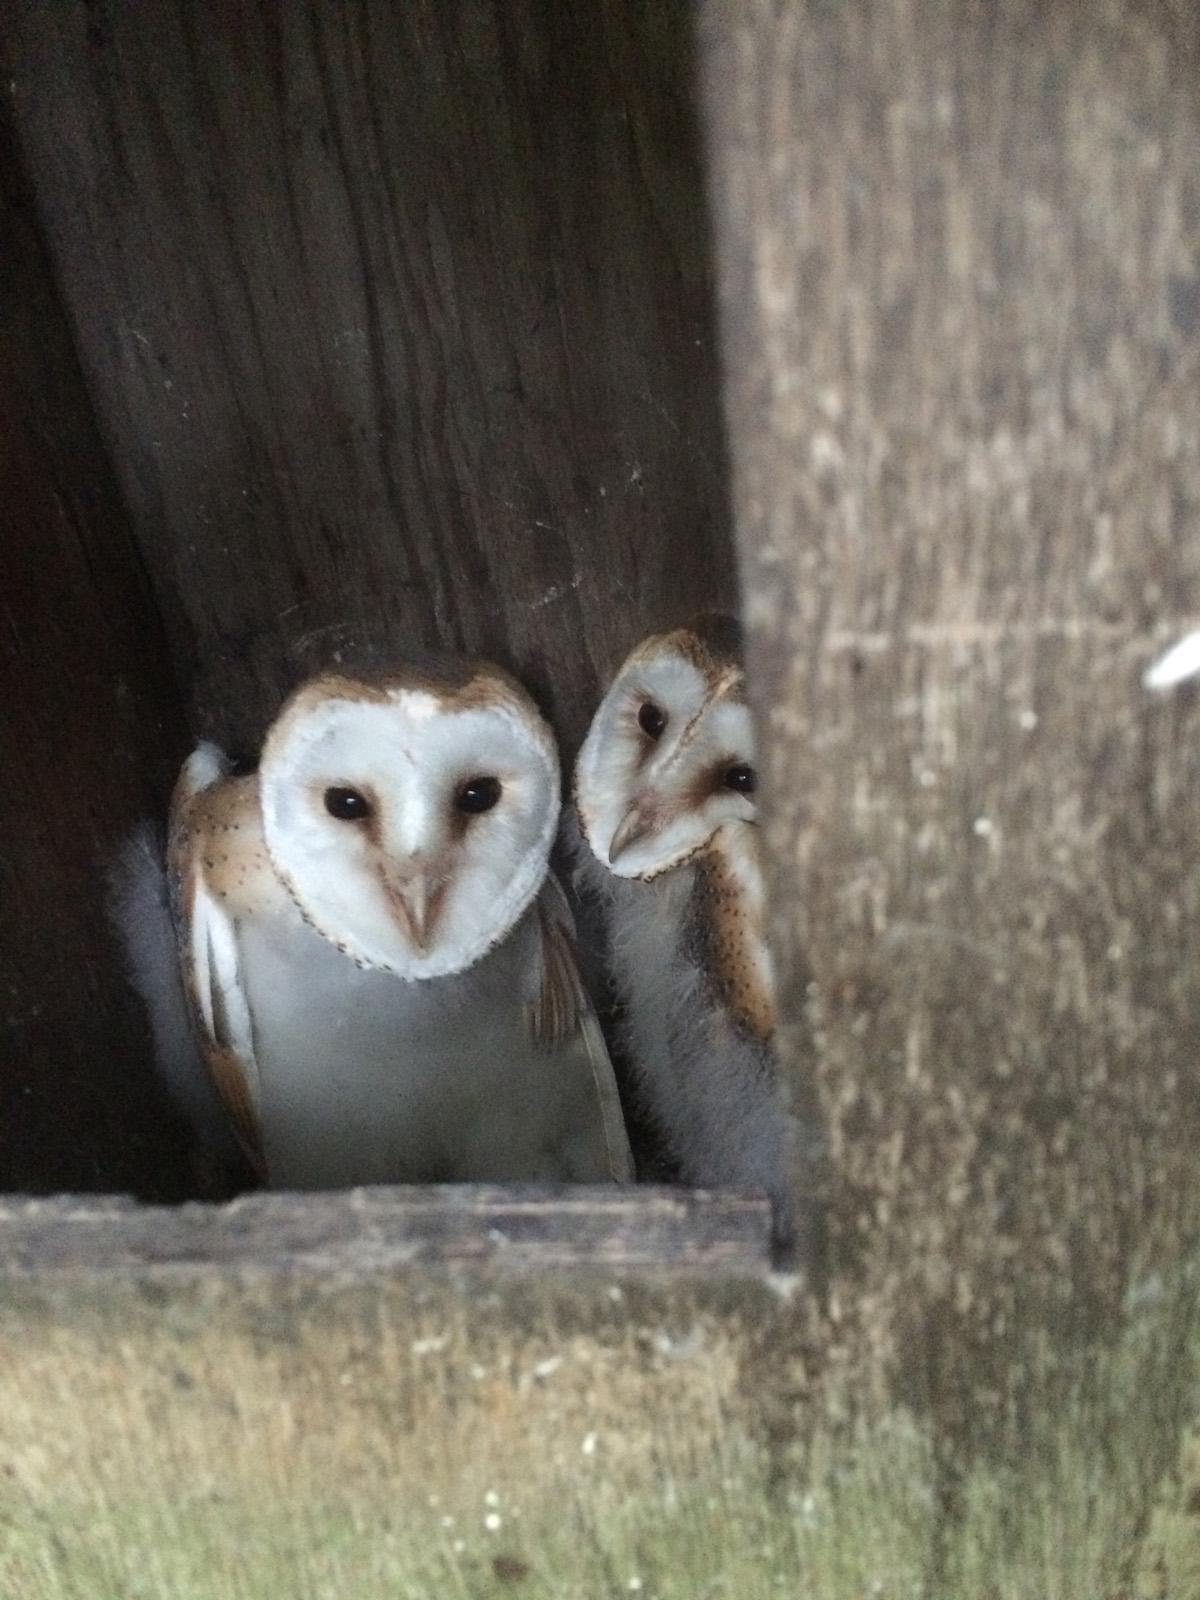 Barn Owl chicks